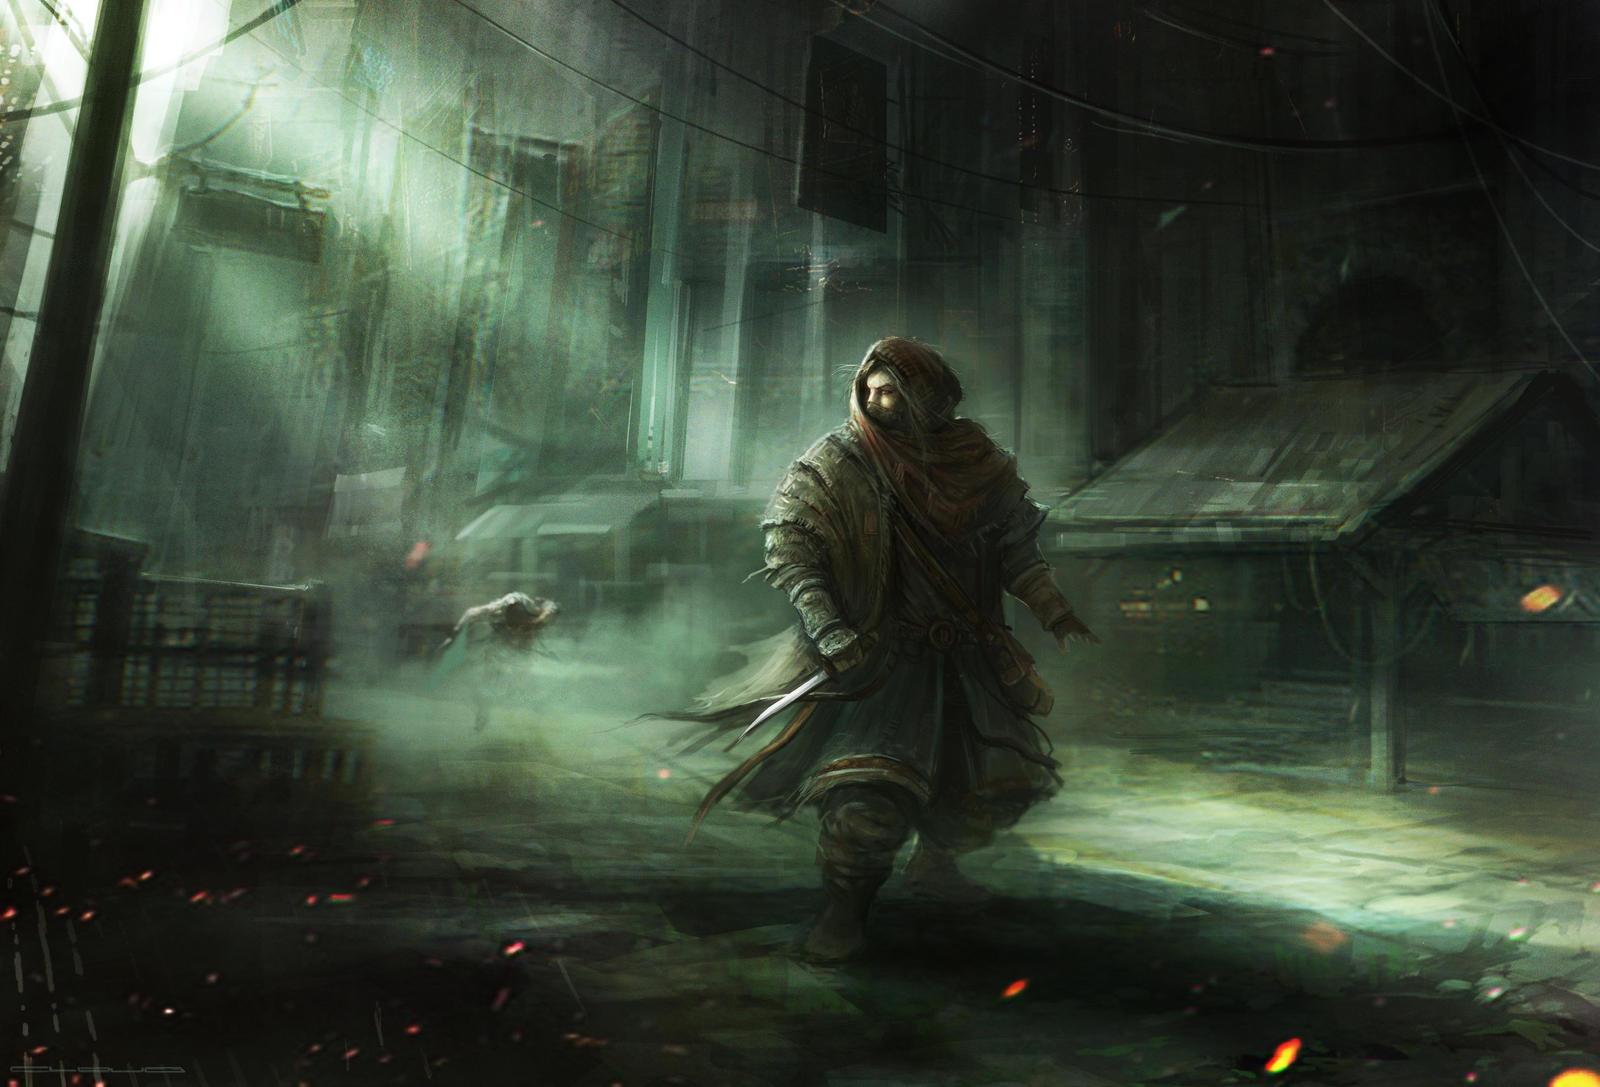 The Thief by Darkcloud013